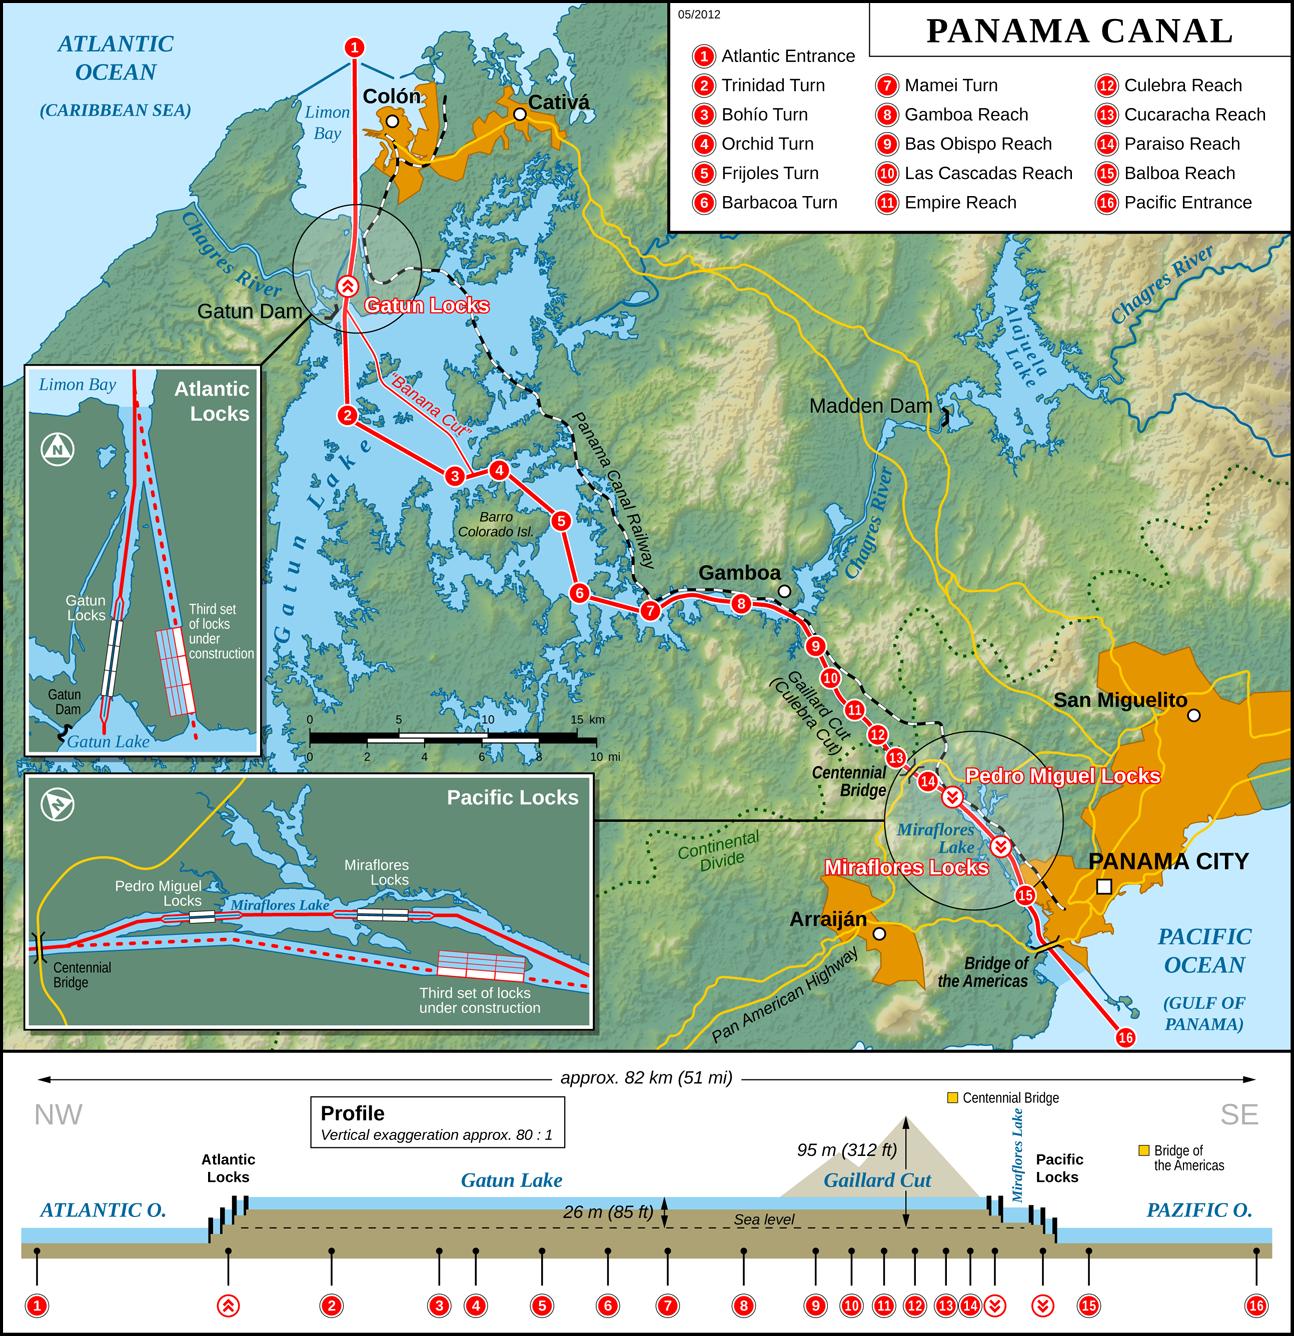 Panama Canal Layout